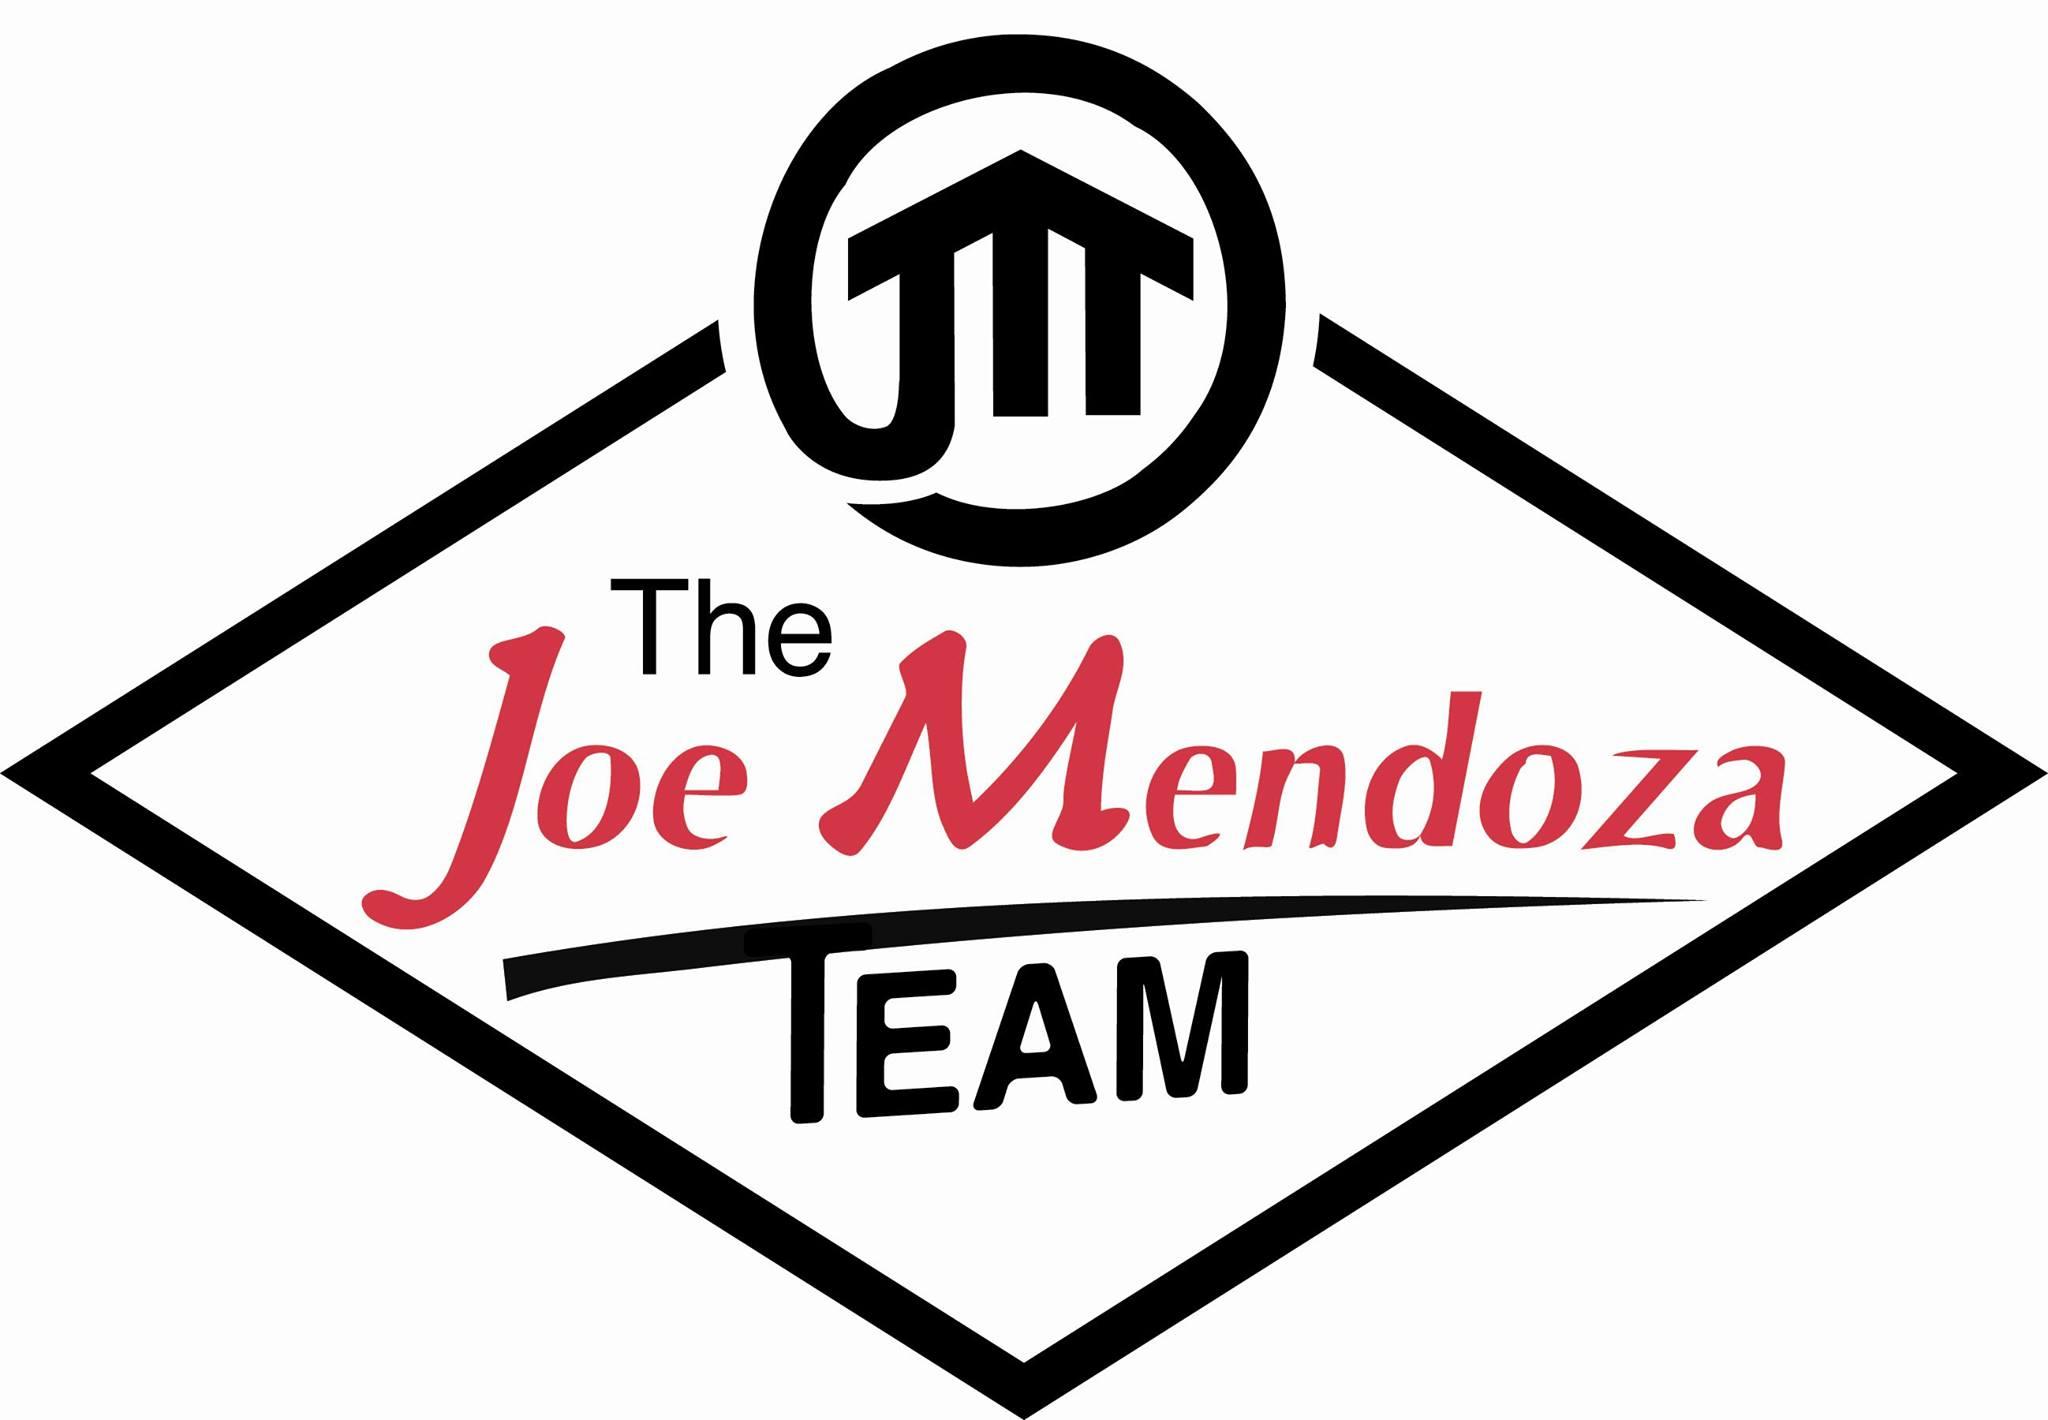 Joe Mendoza